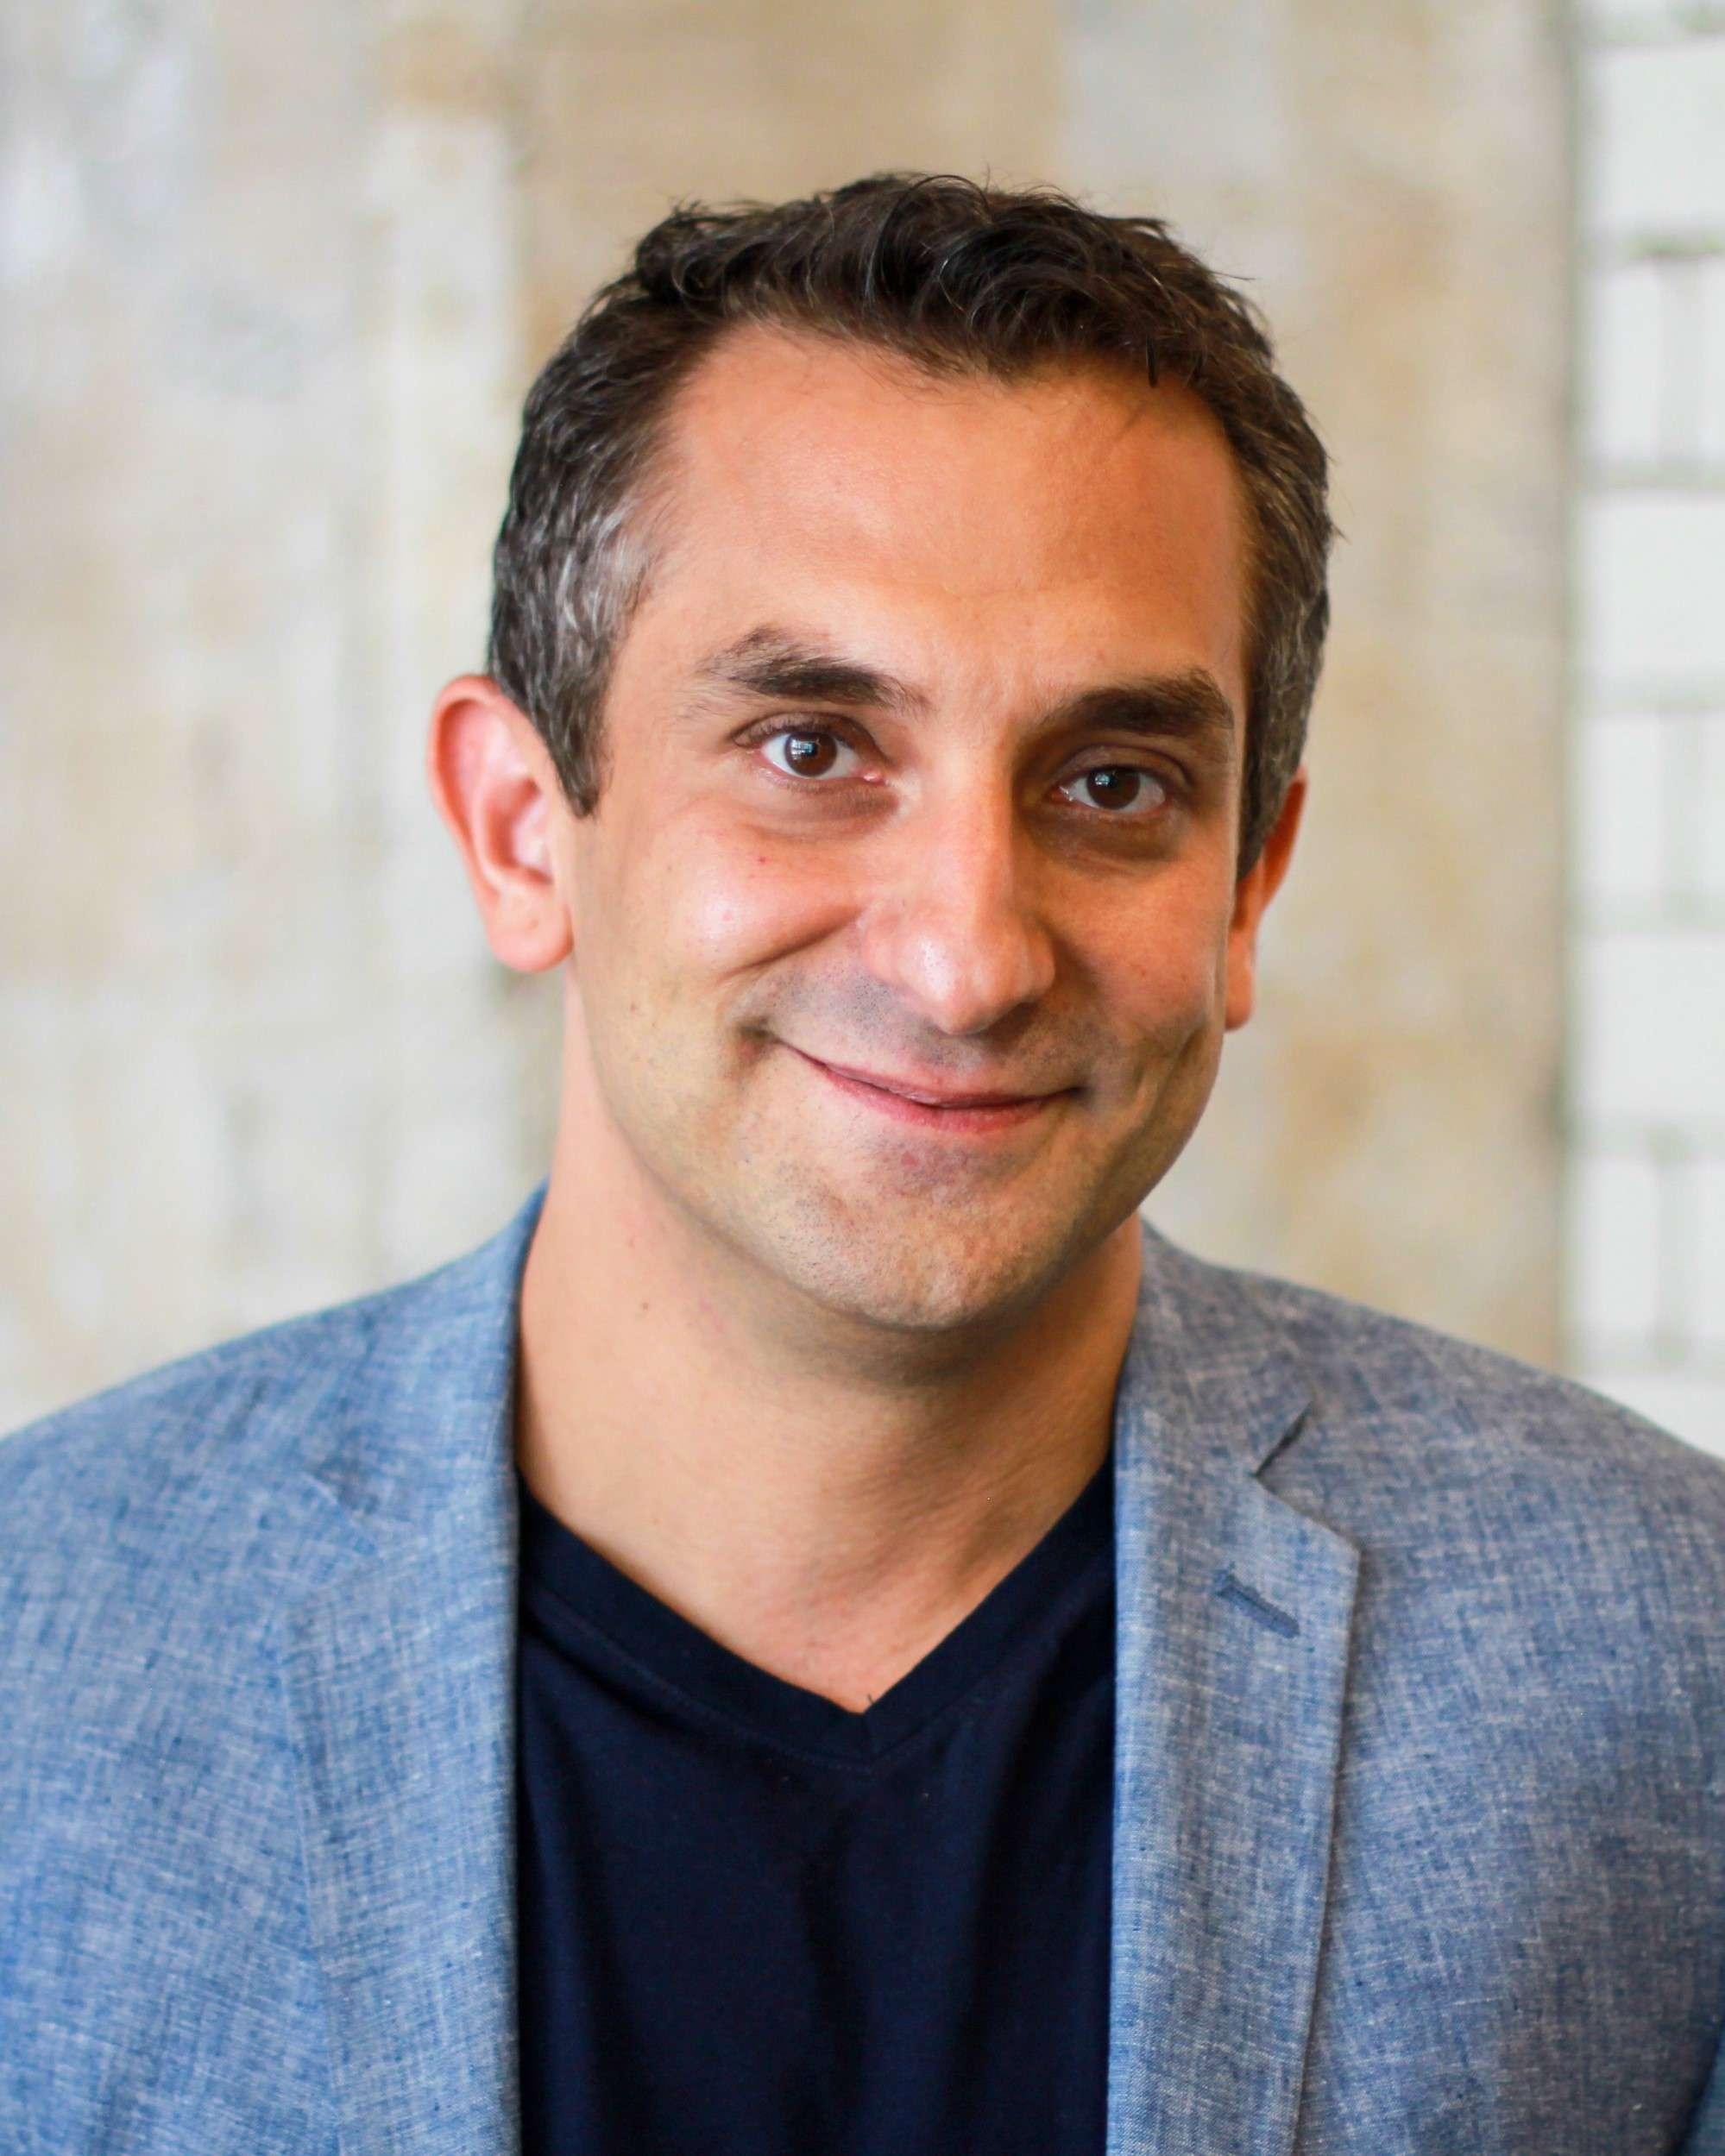 John Berkowitz